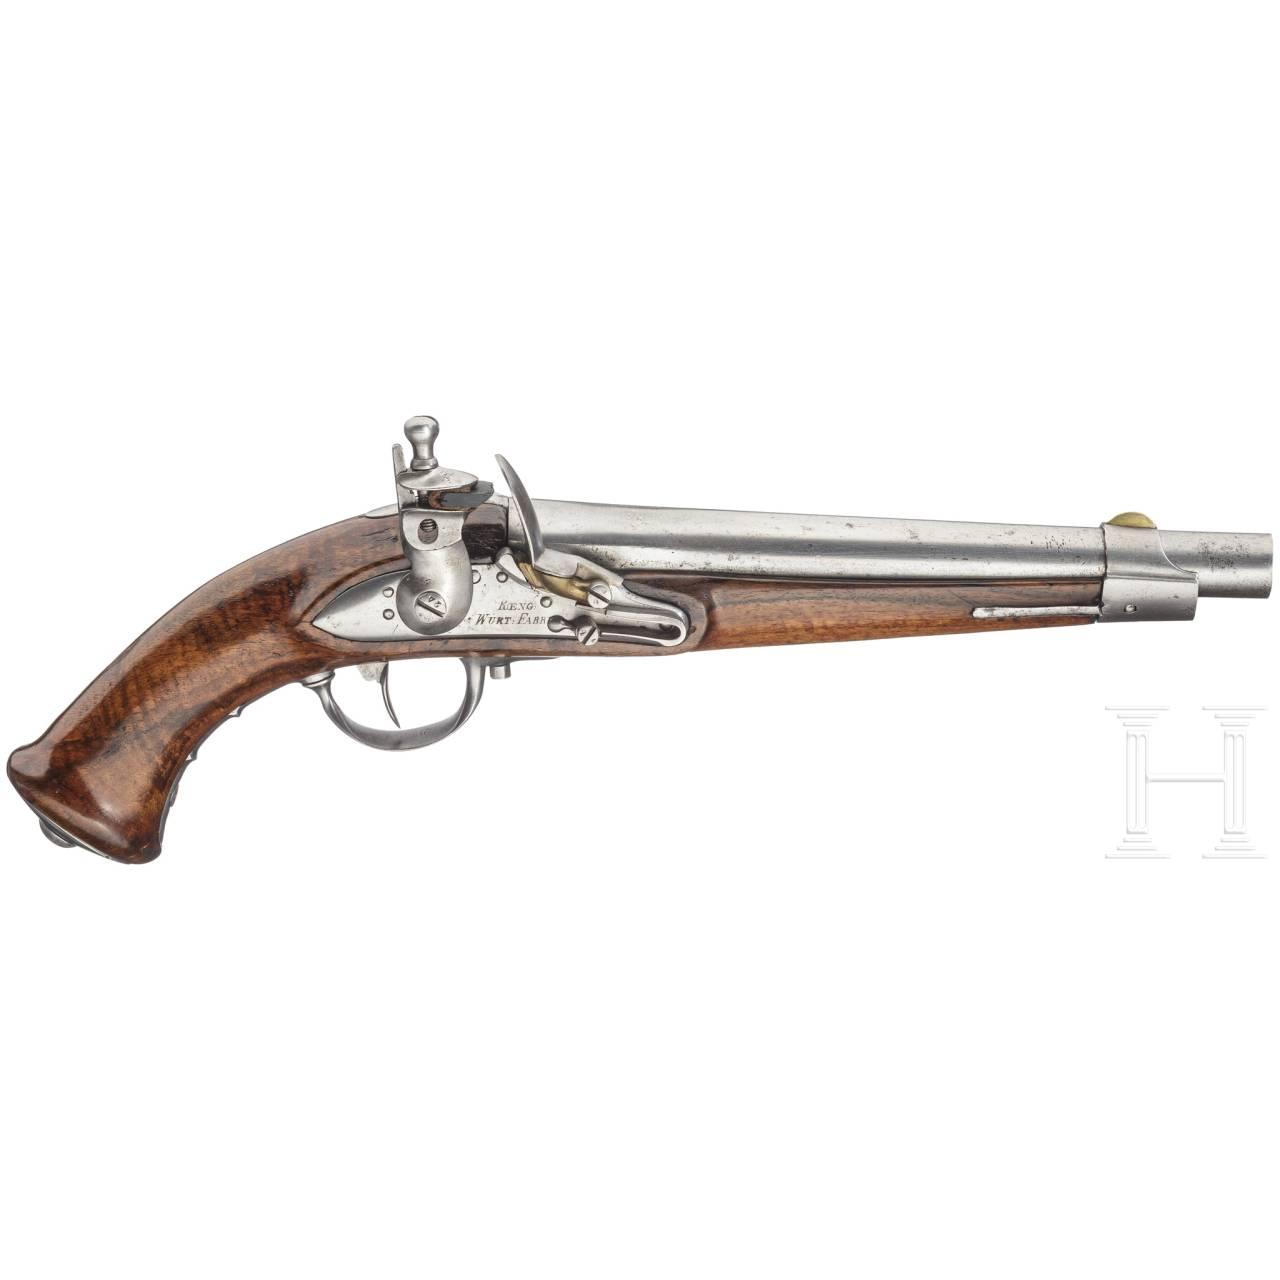 A model 1817 cavalry pistol